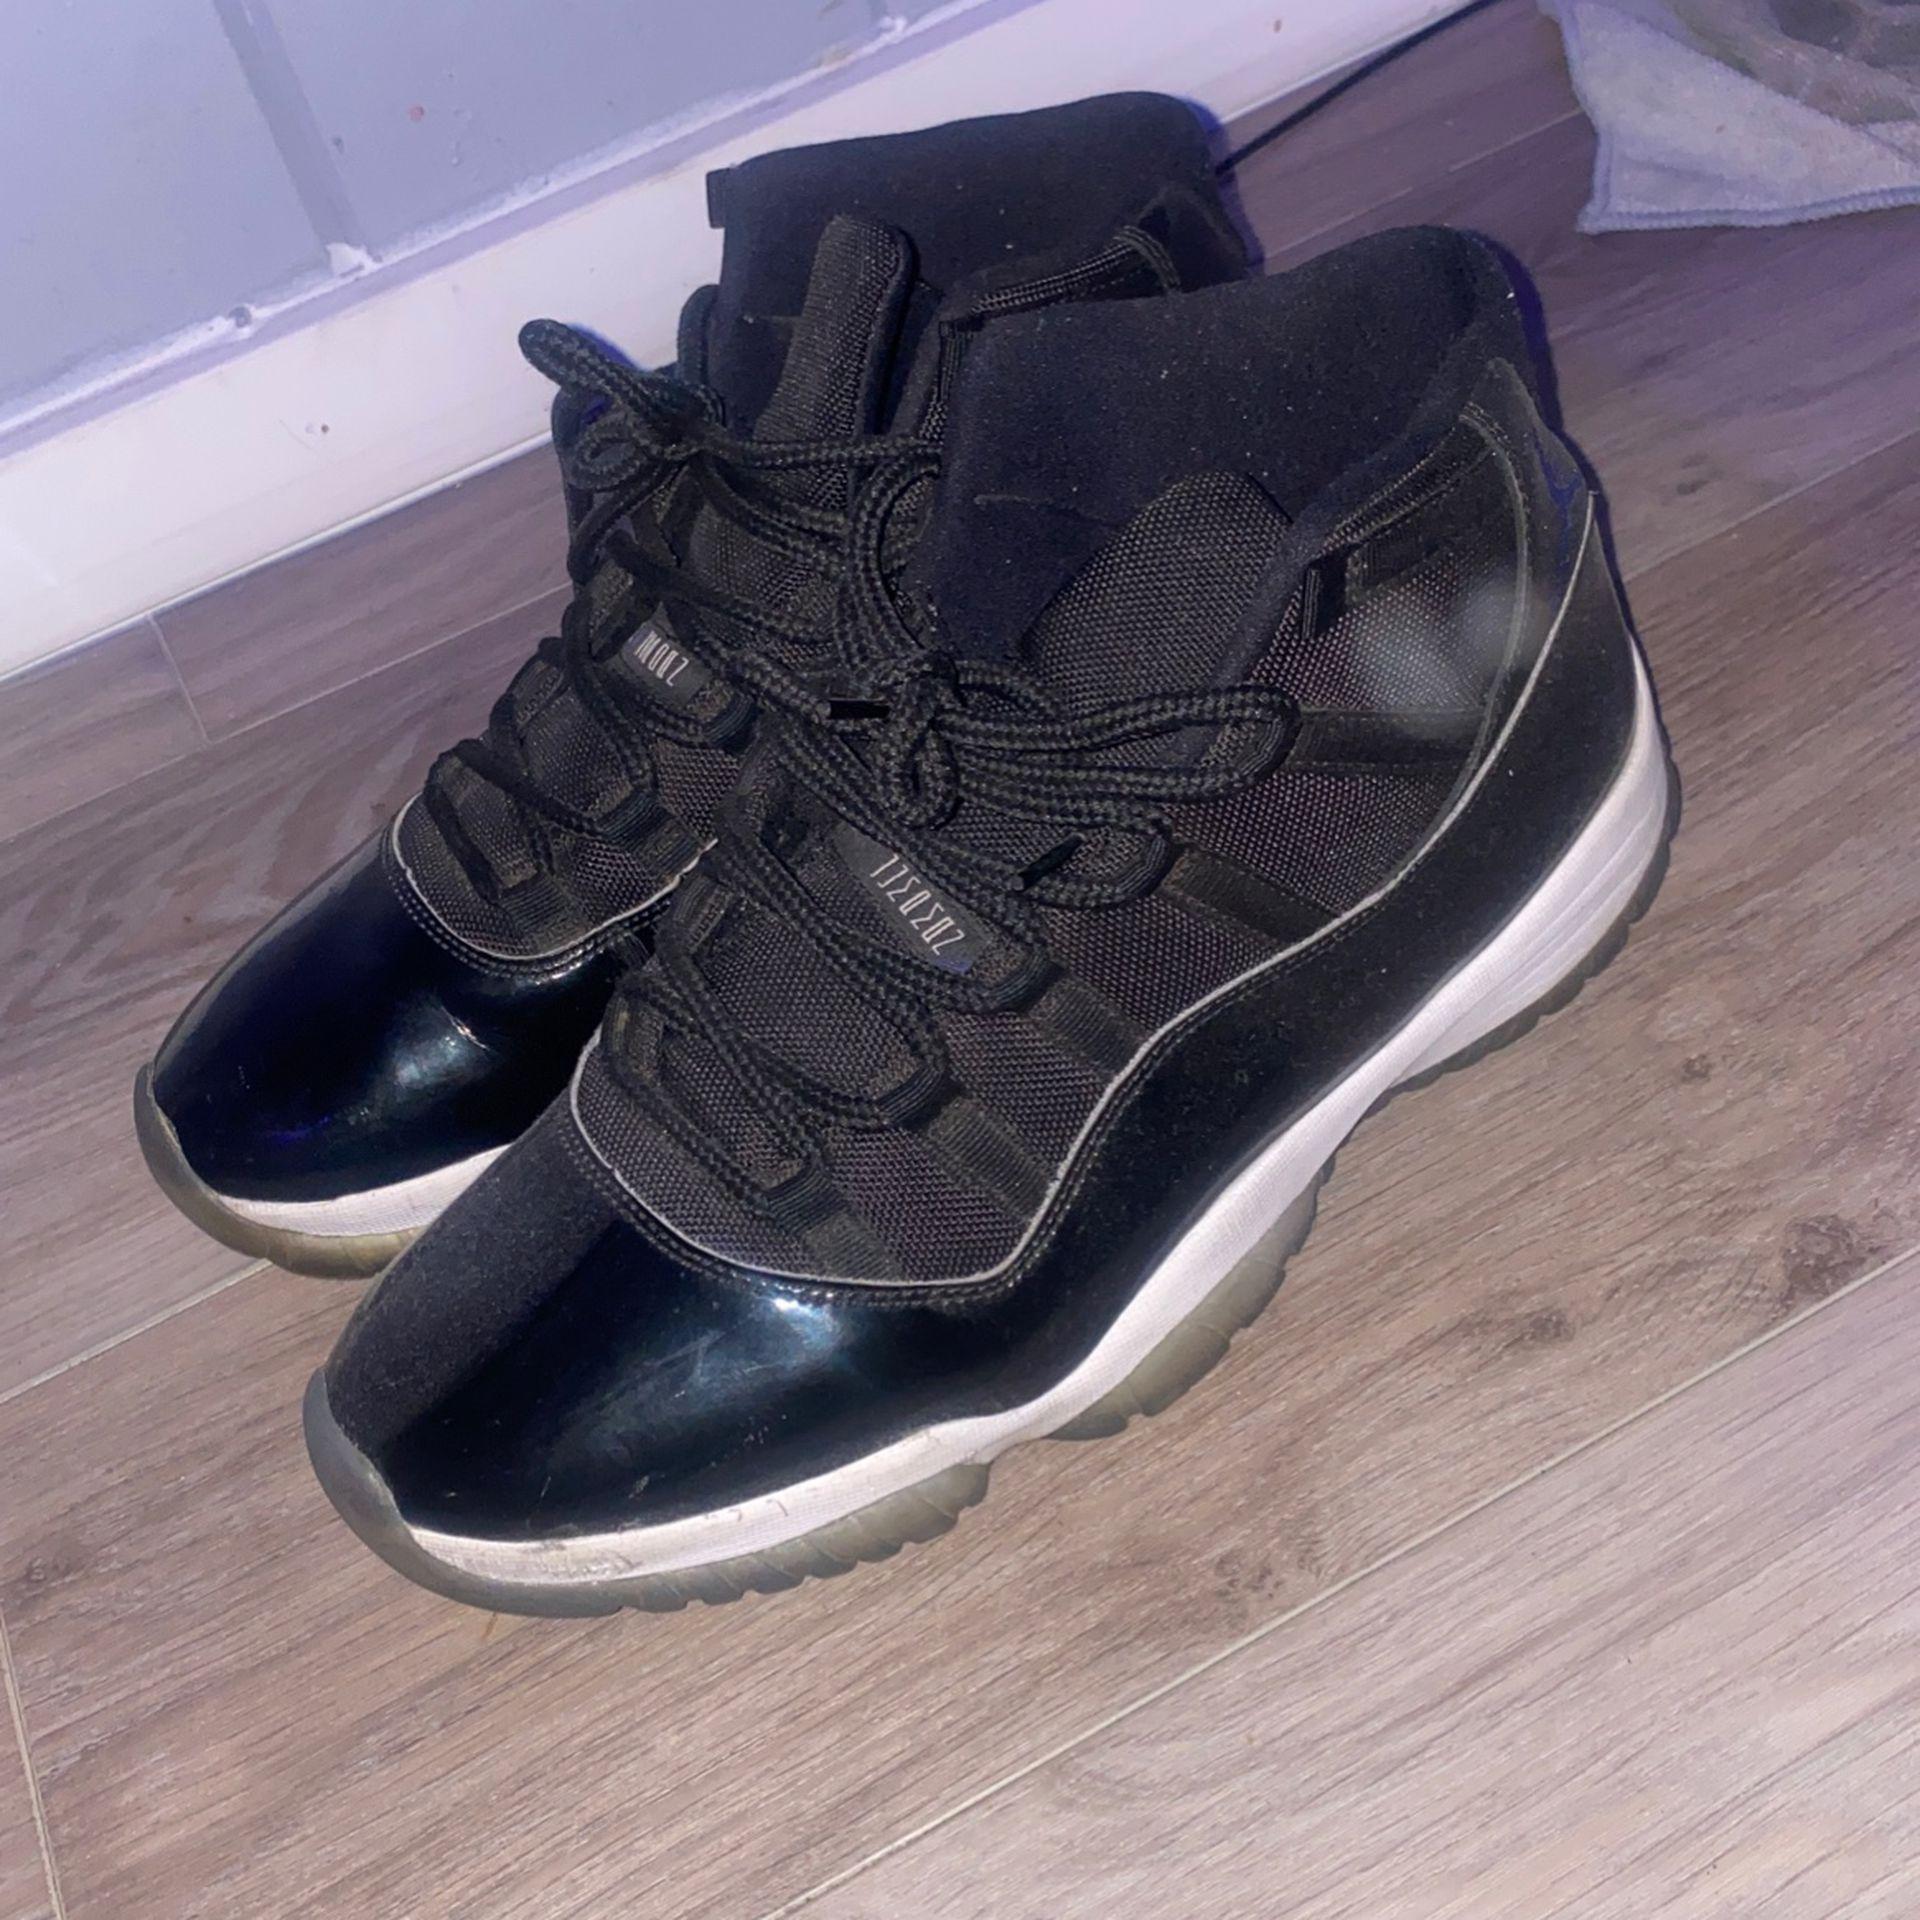 Jordan 11 Space Jam Size 13